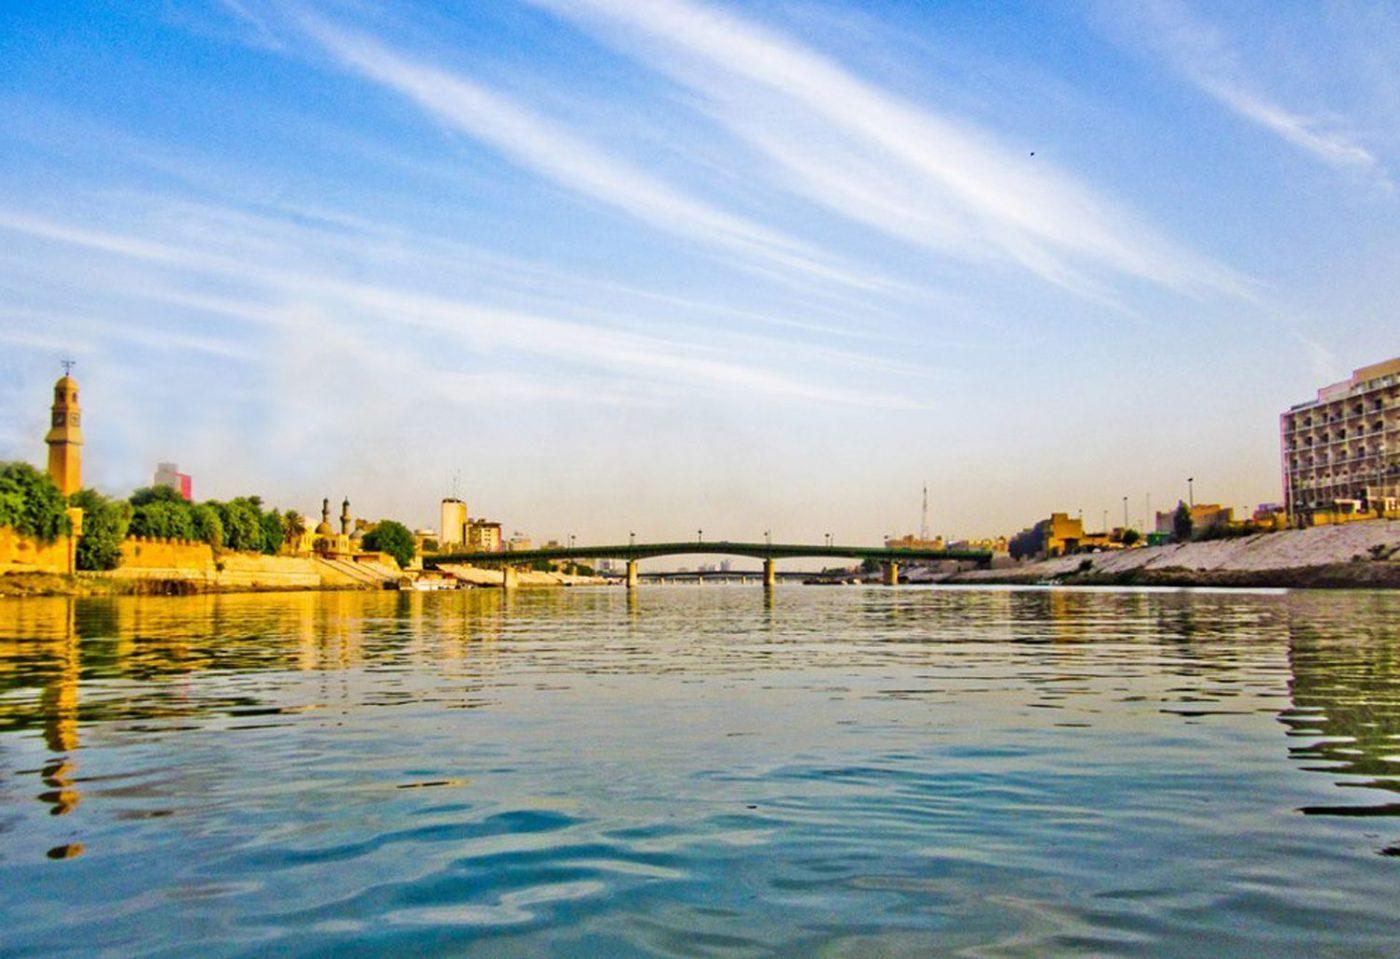 رود دجله 1 - رود دجله سمرقند عراق